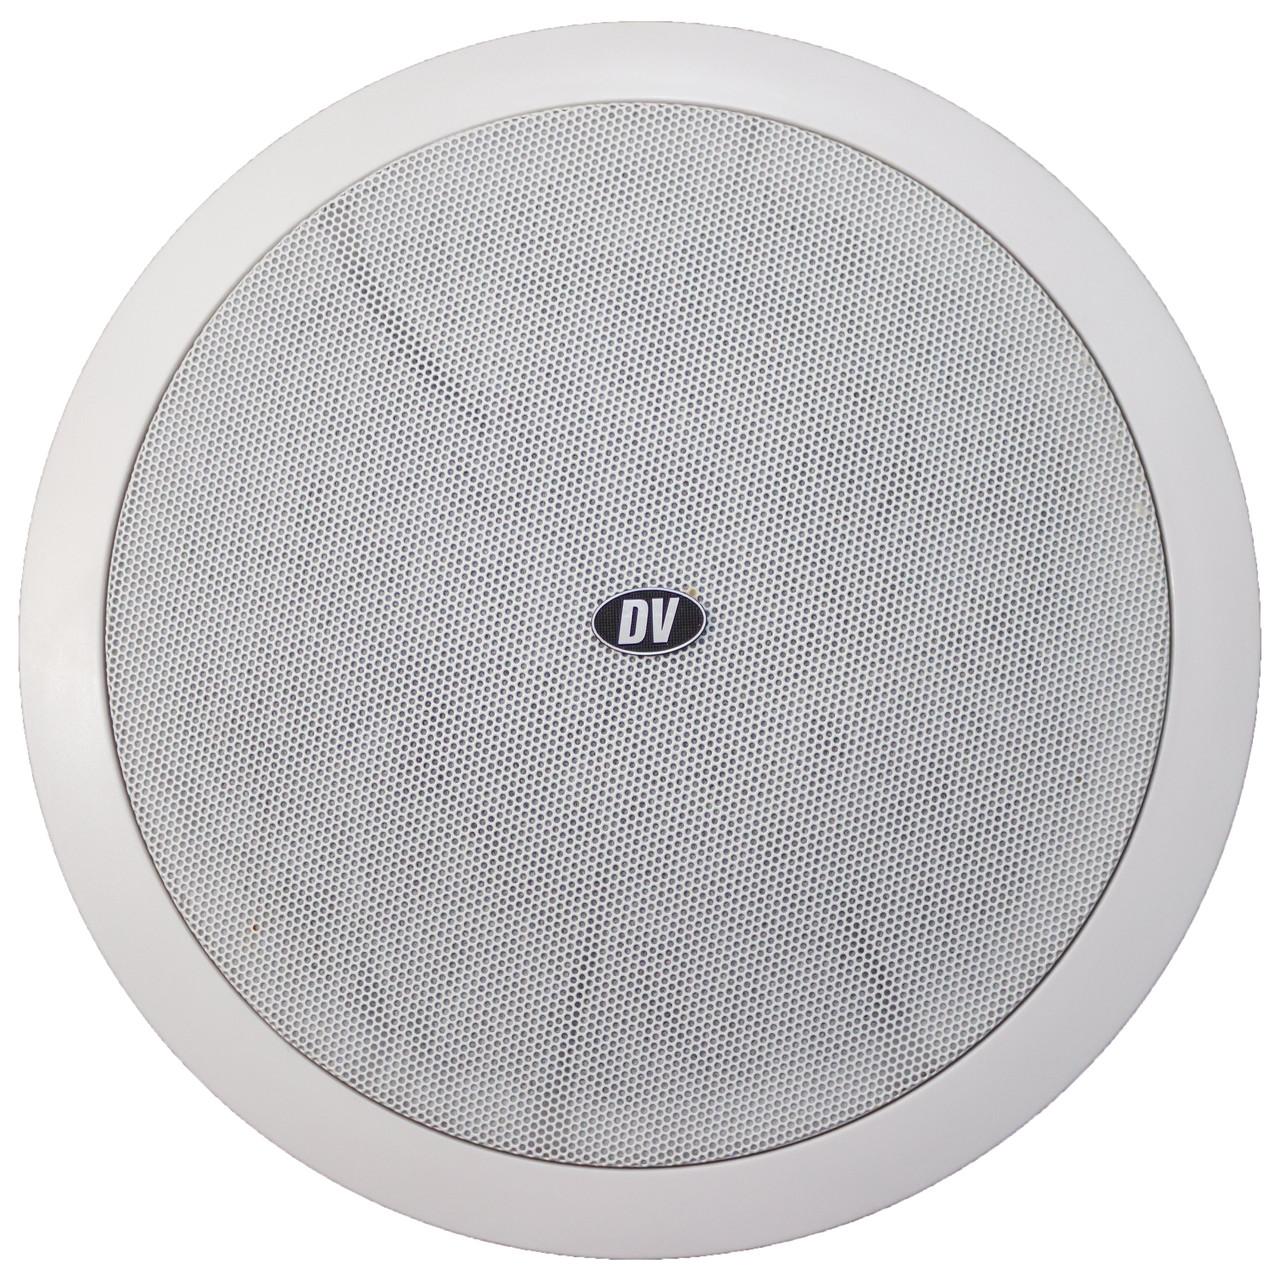 Потолочная акустическая система для фонового озвучивания DV audio C-8.2